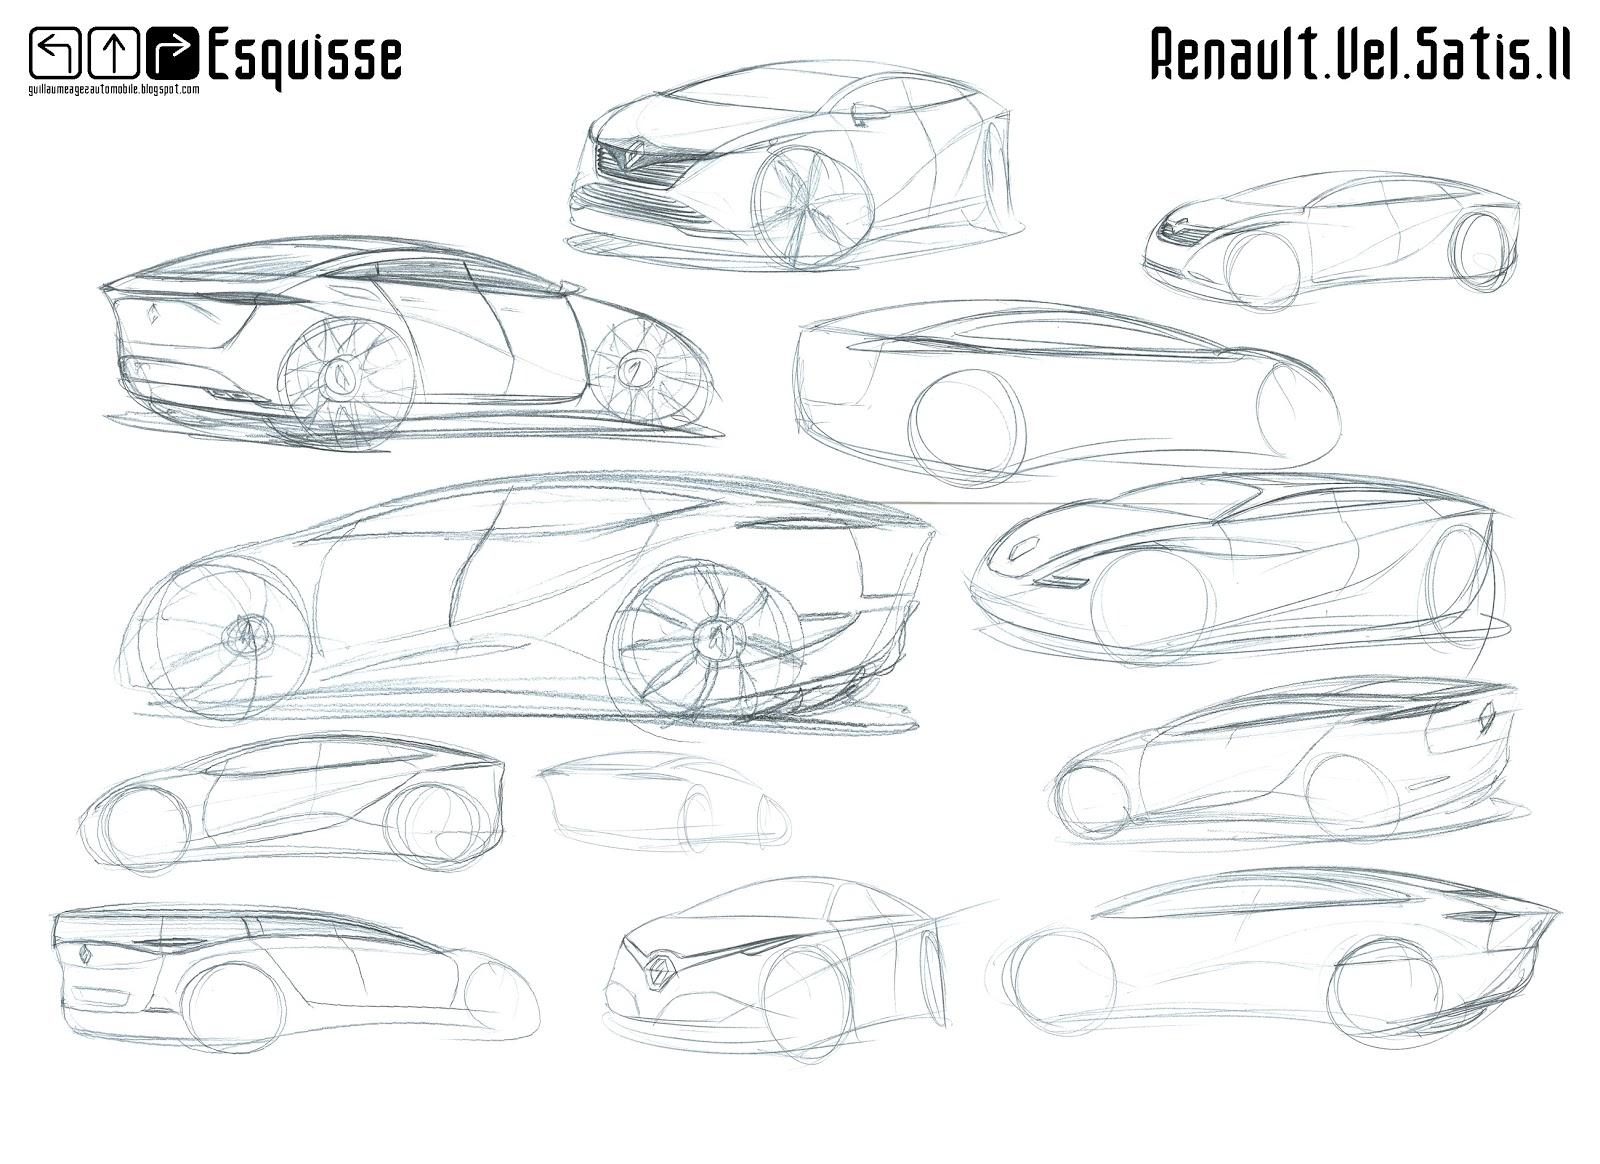 Guillaume AGEZ Automobile: Esquisse : Renault Vel Satis II